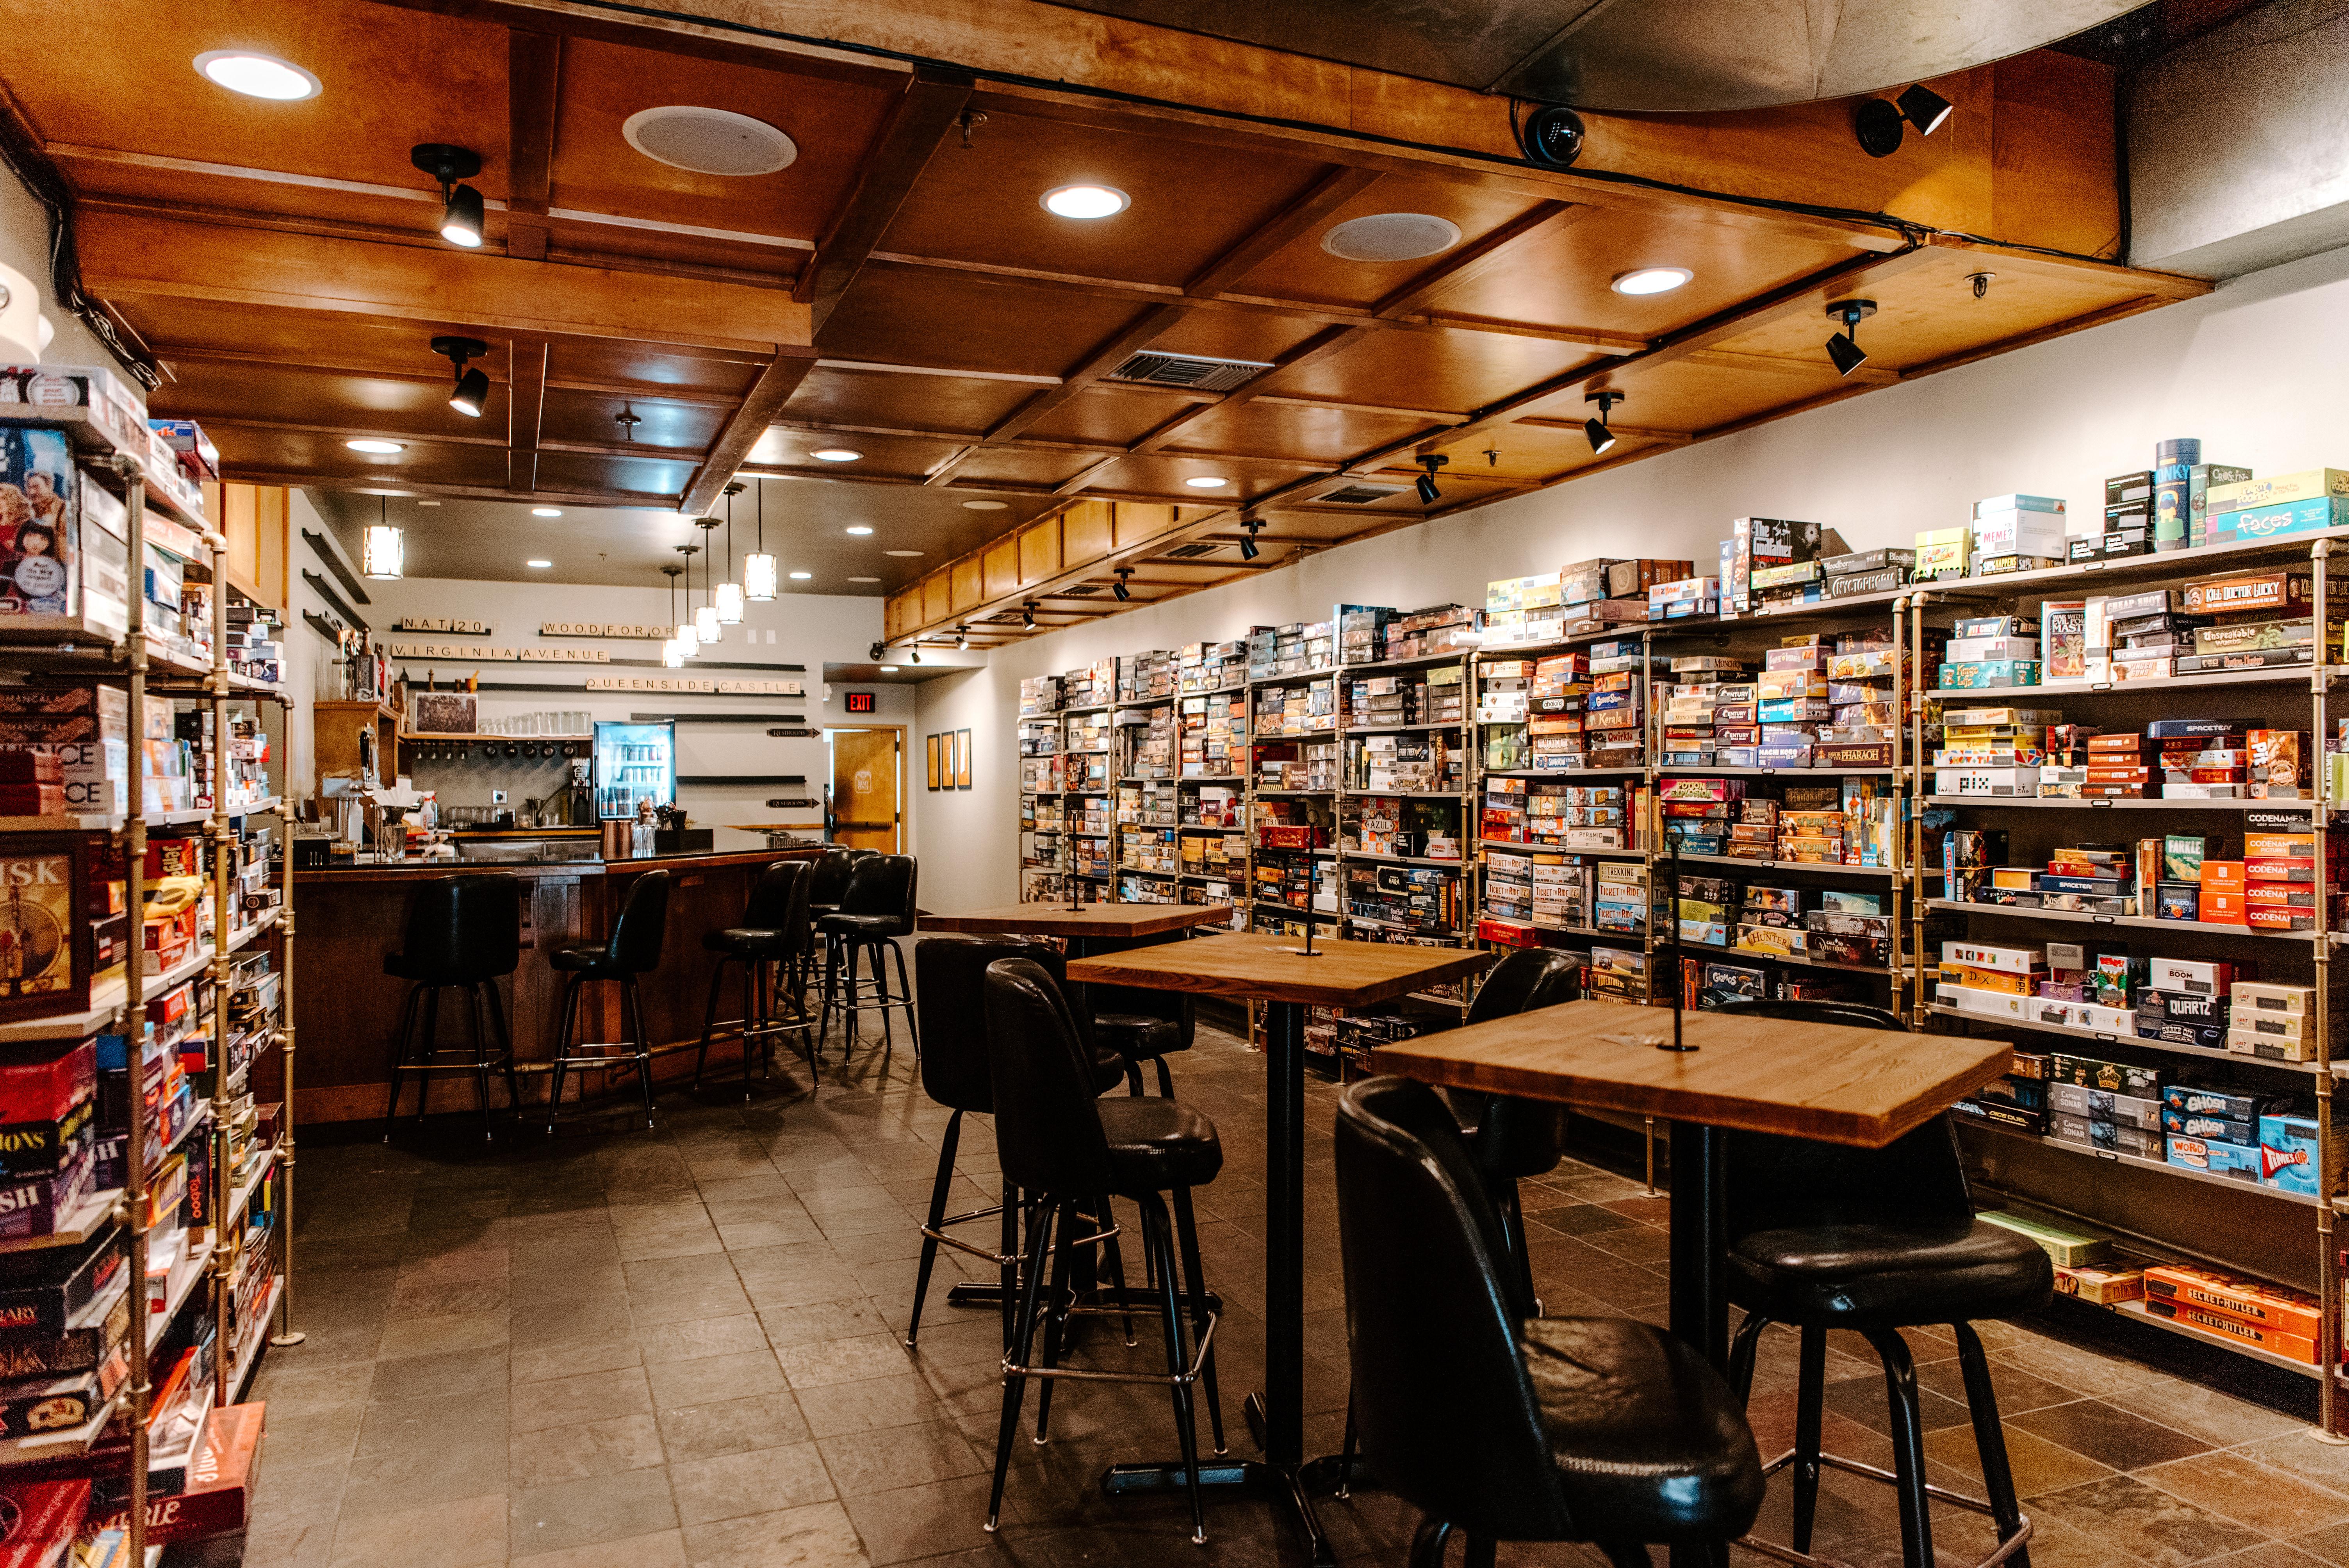 Restaurant Pub & Games